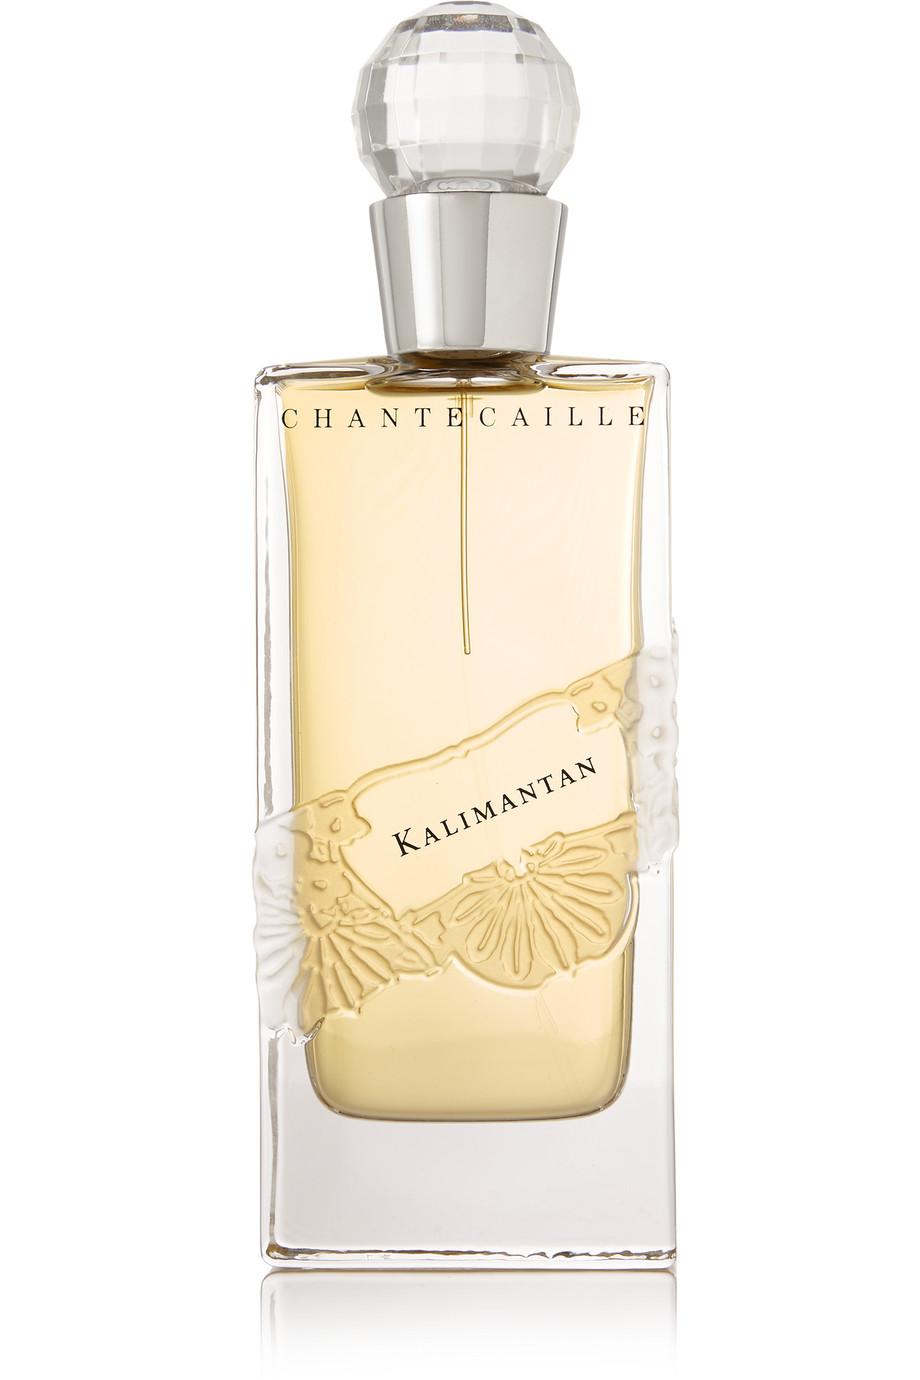 Eau De Parfum - Kalimantan, 75ml, by Chantecaille